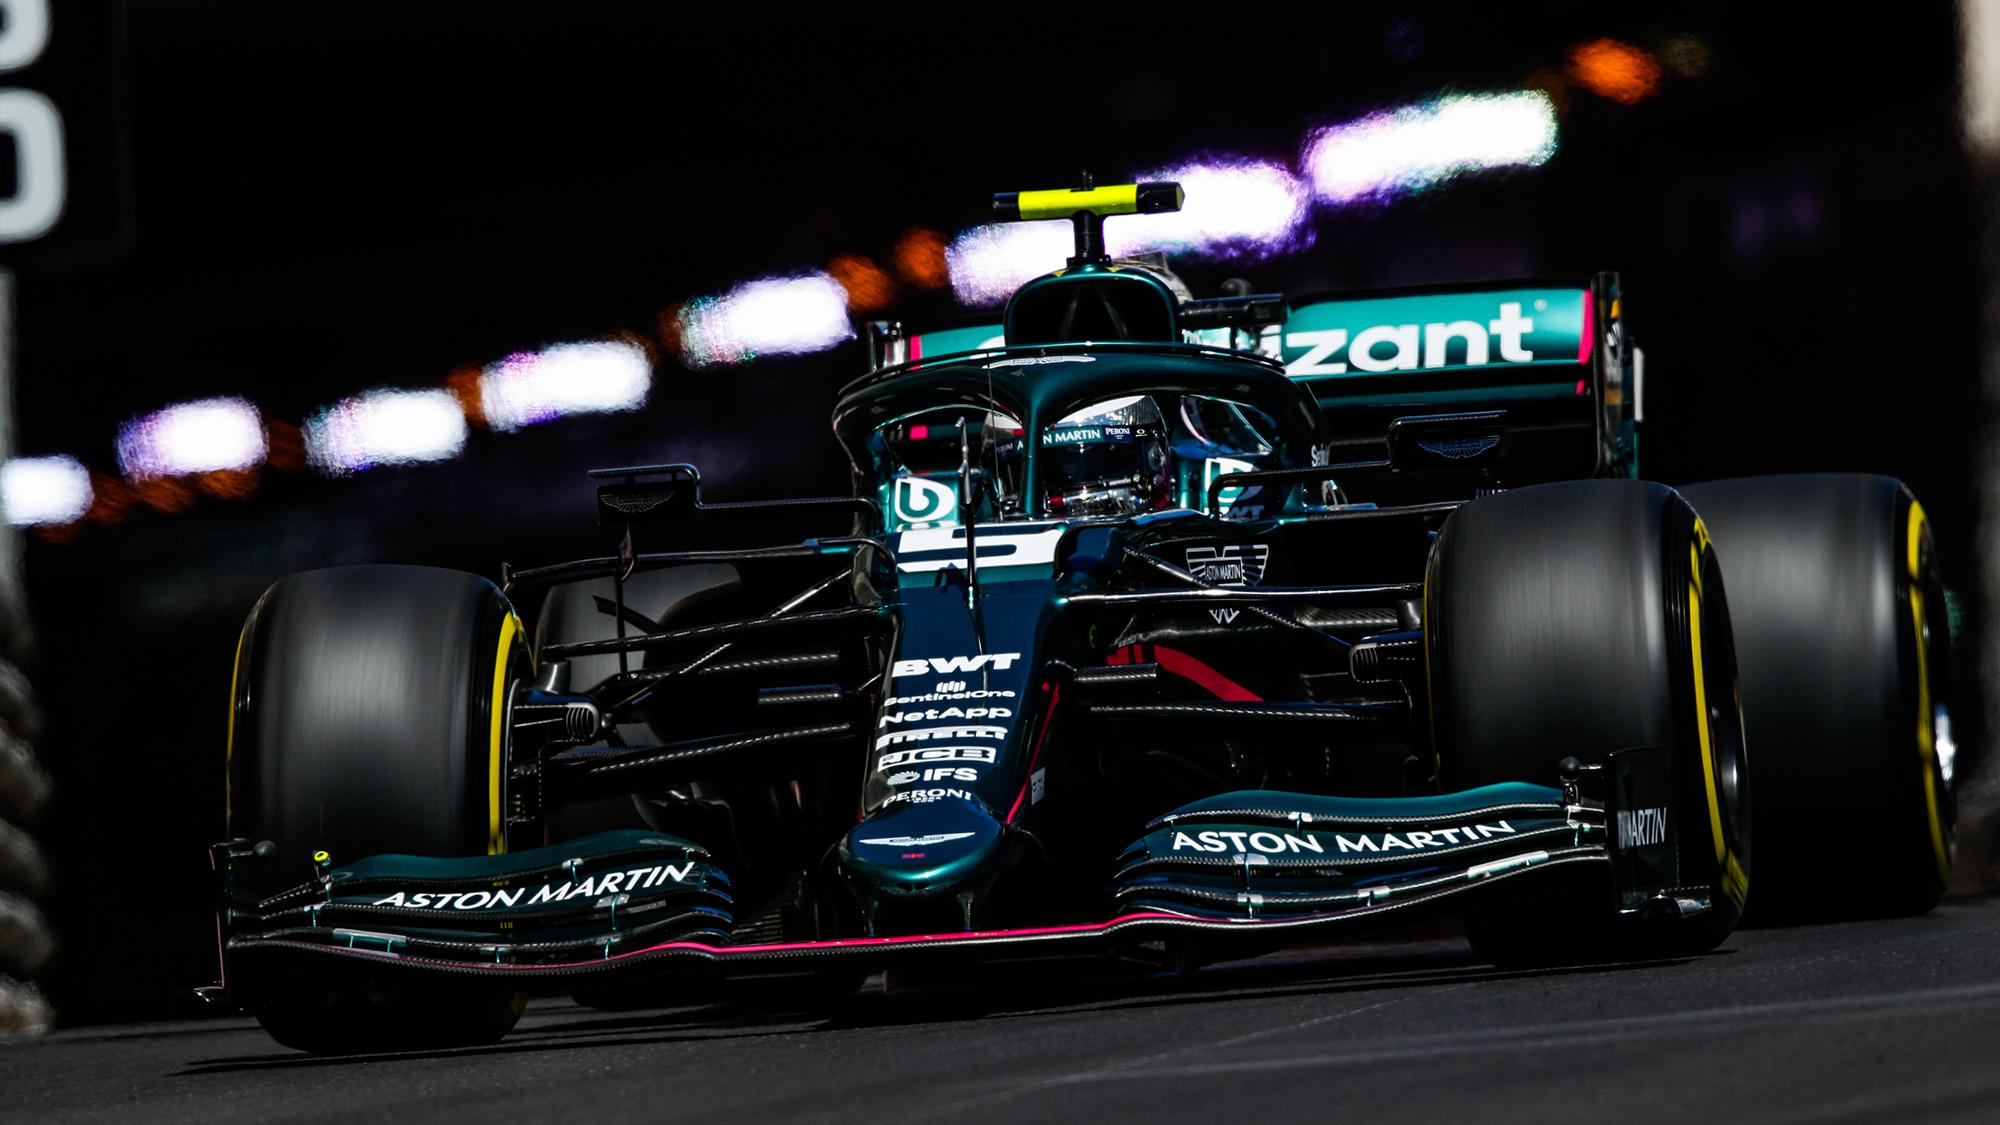 Aston Martin of Lance Stroll in the 2021 Monaco Grand Prix